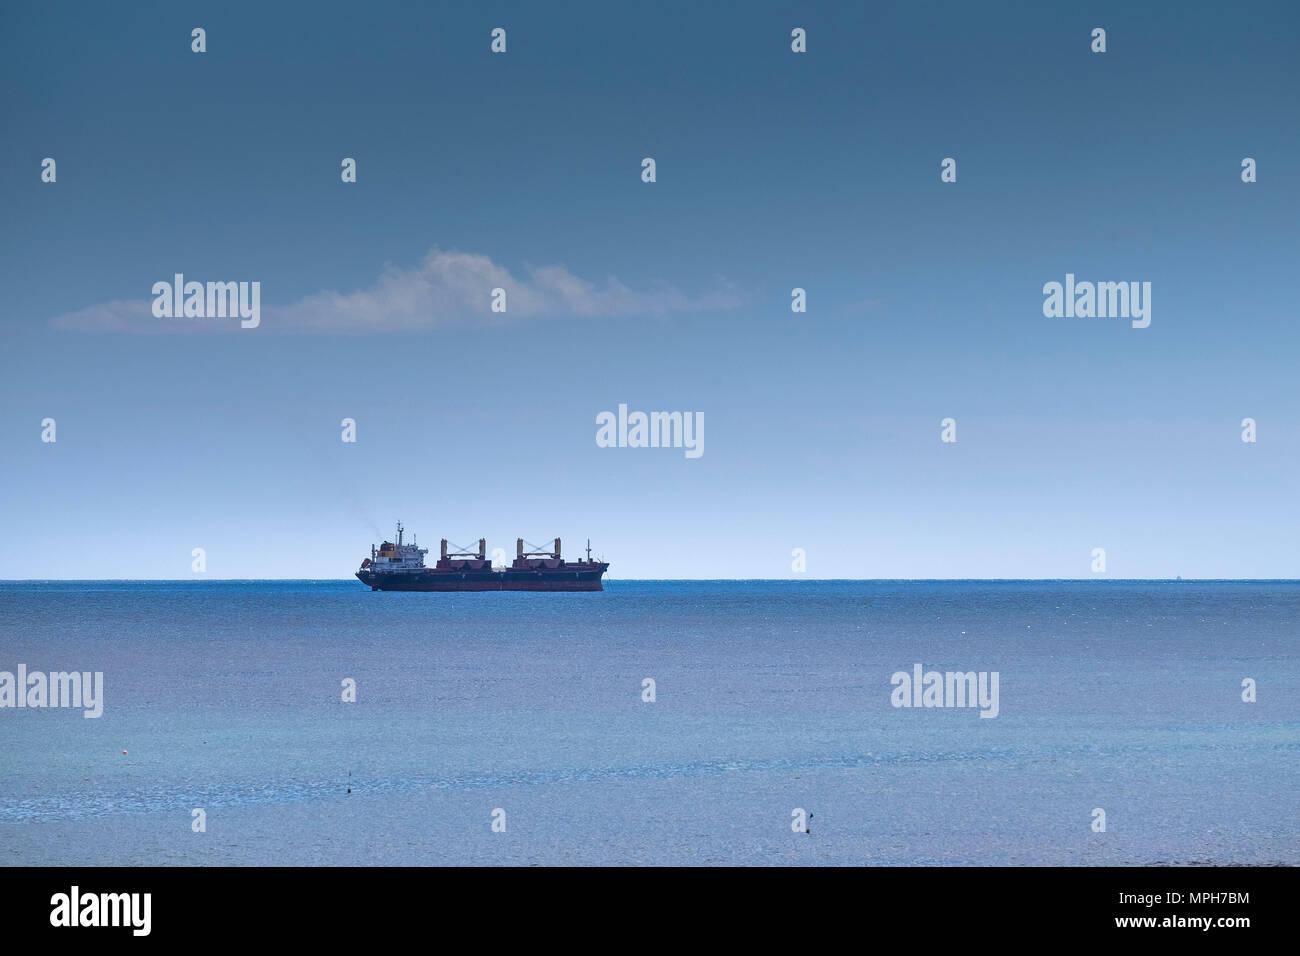 A cargo ship anchored in the sea. - Stock Image